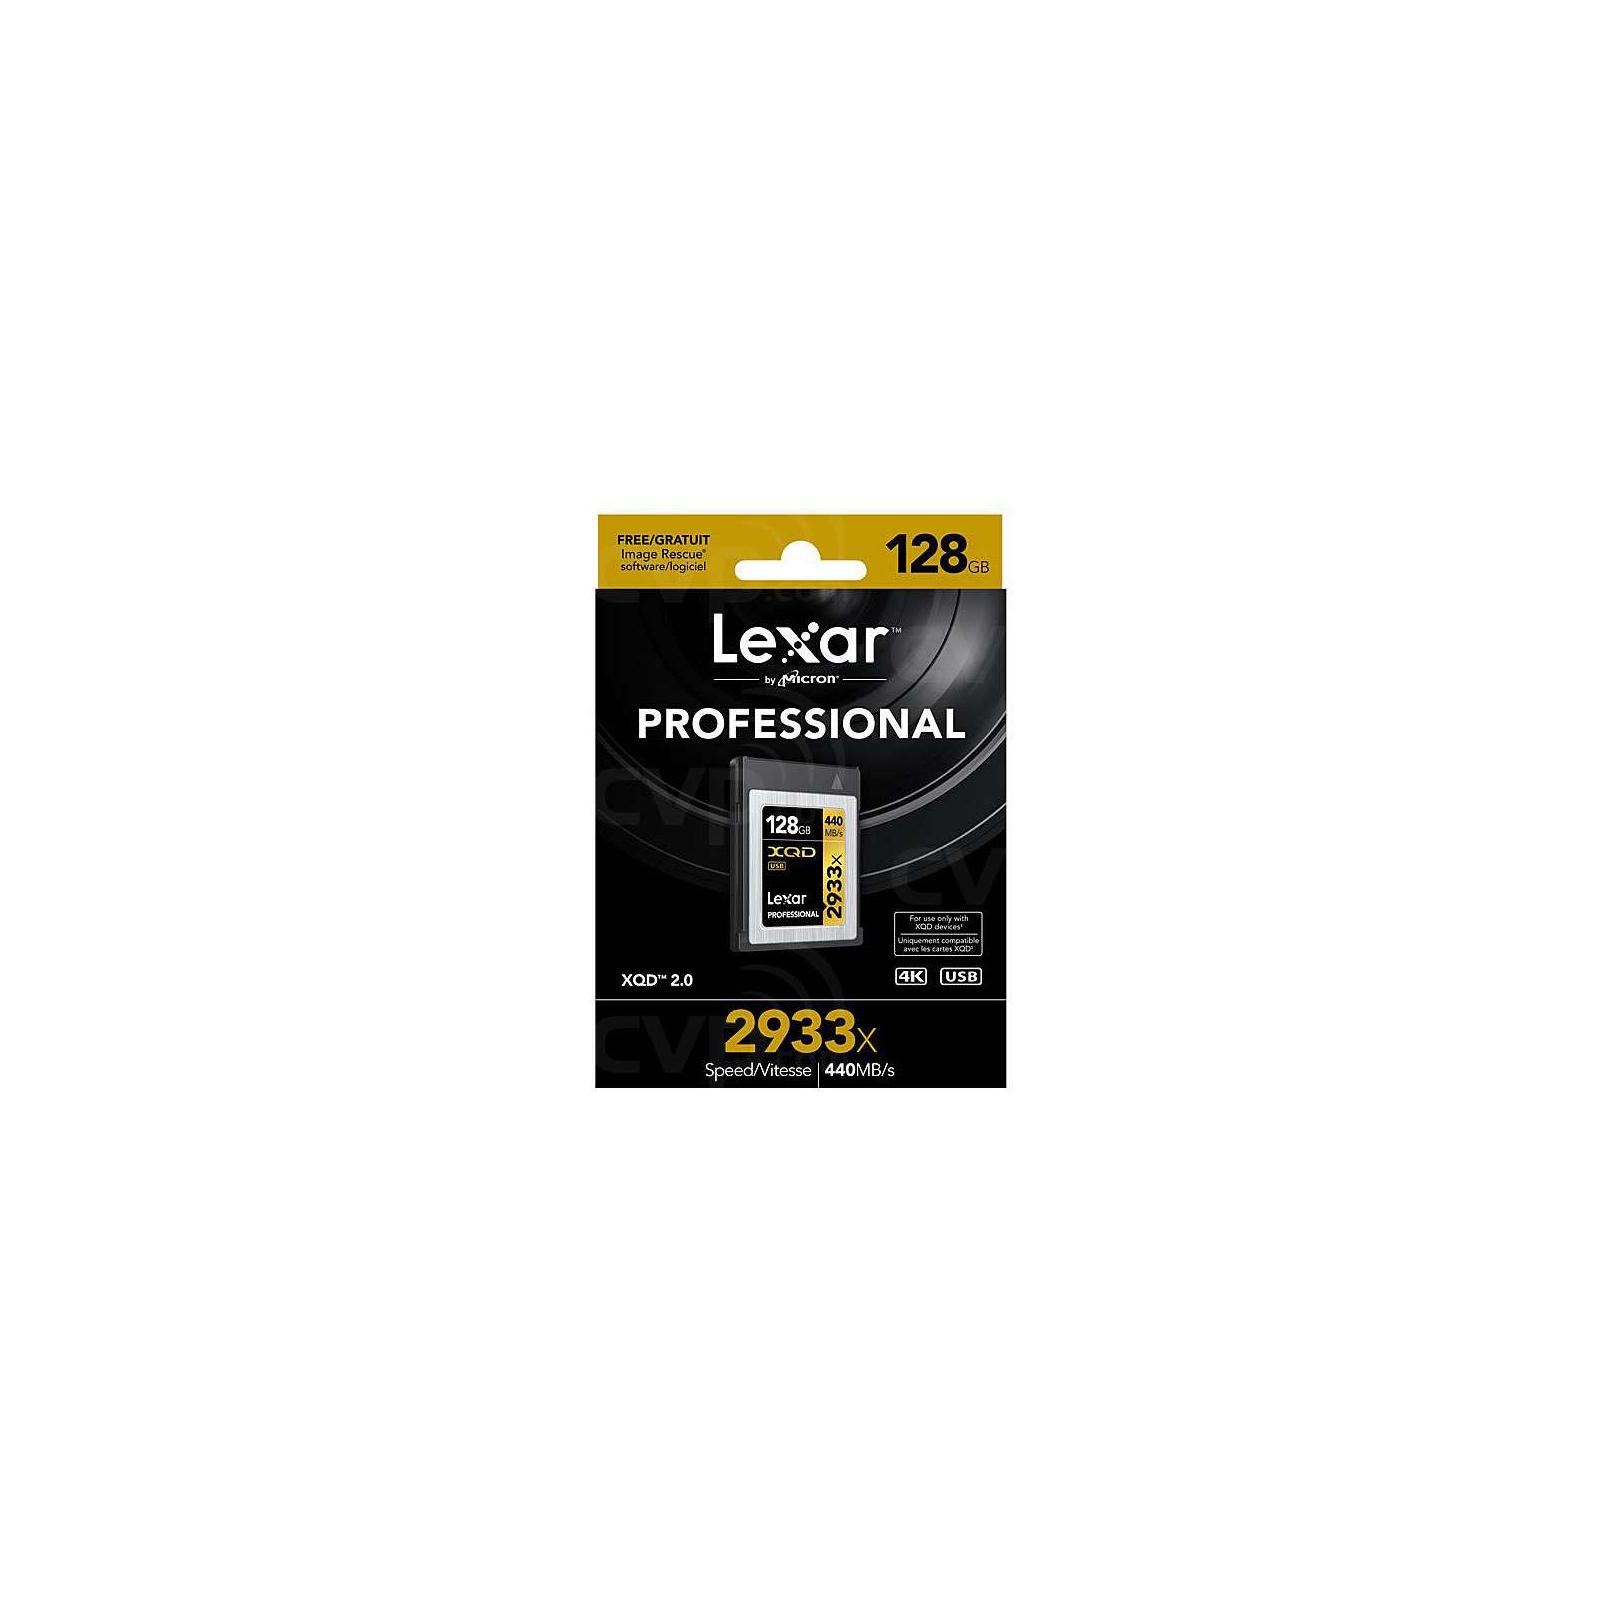 Карта пам'яті Lexar 128GB XQD 2933X Professional (LXQD128CRBEU2933) зображення 2